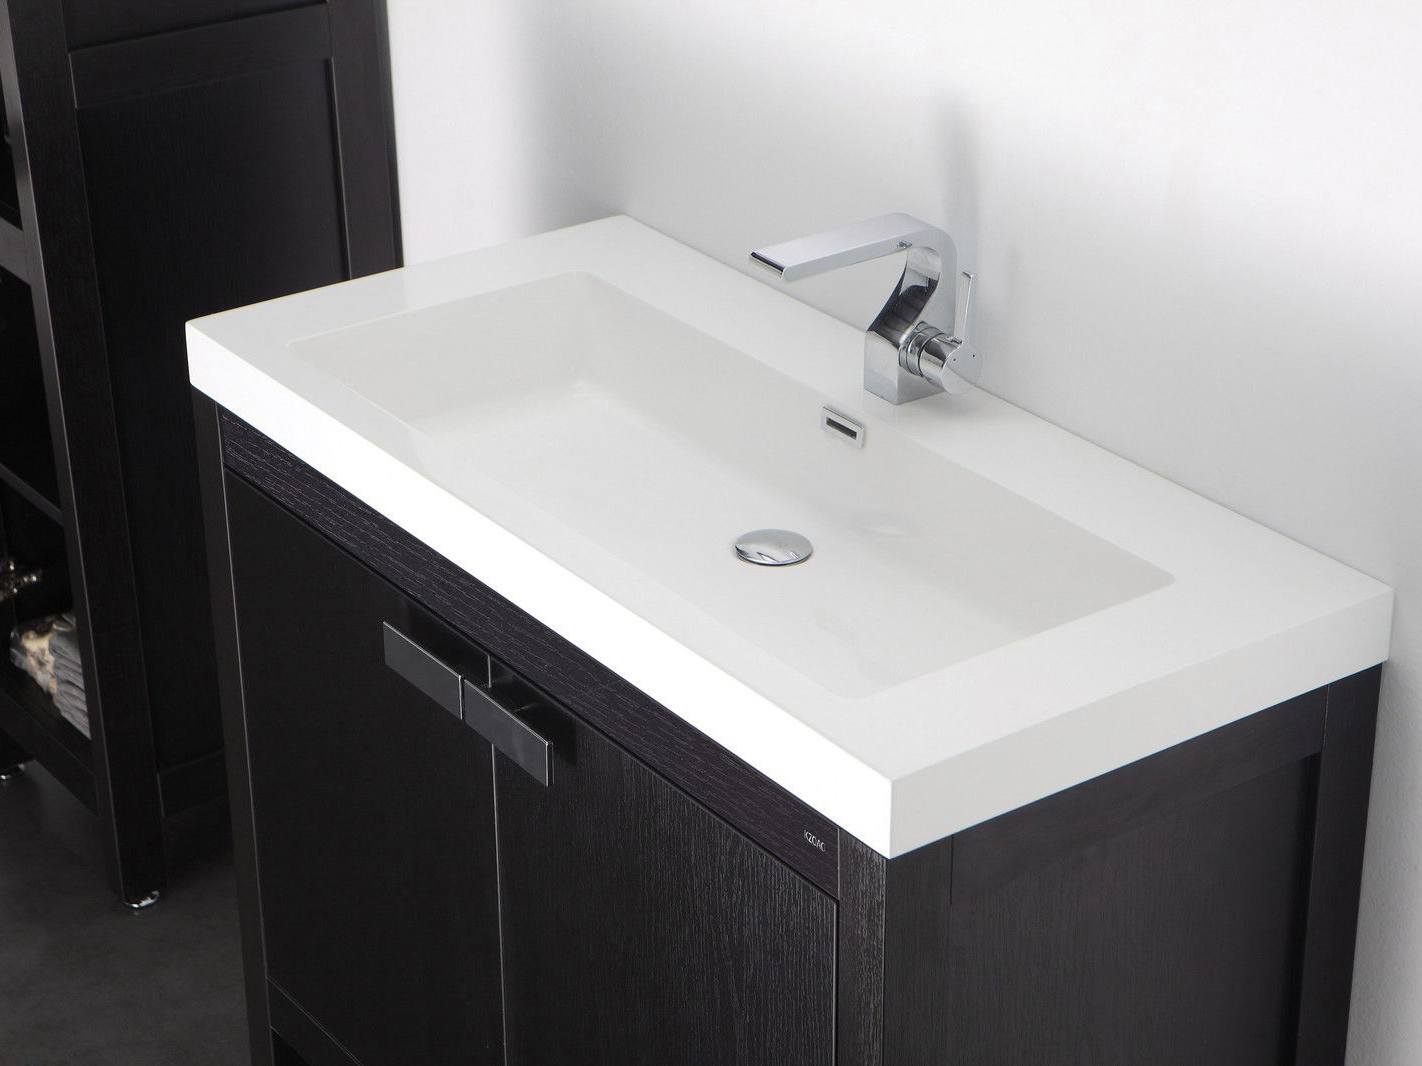 Barcelona waschtisch set 100 cm eiche schwarz badewelt for Badezimmer hersteller